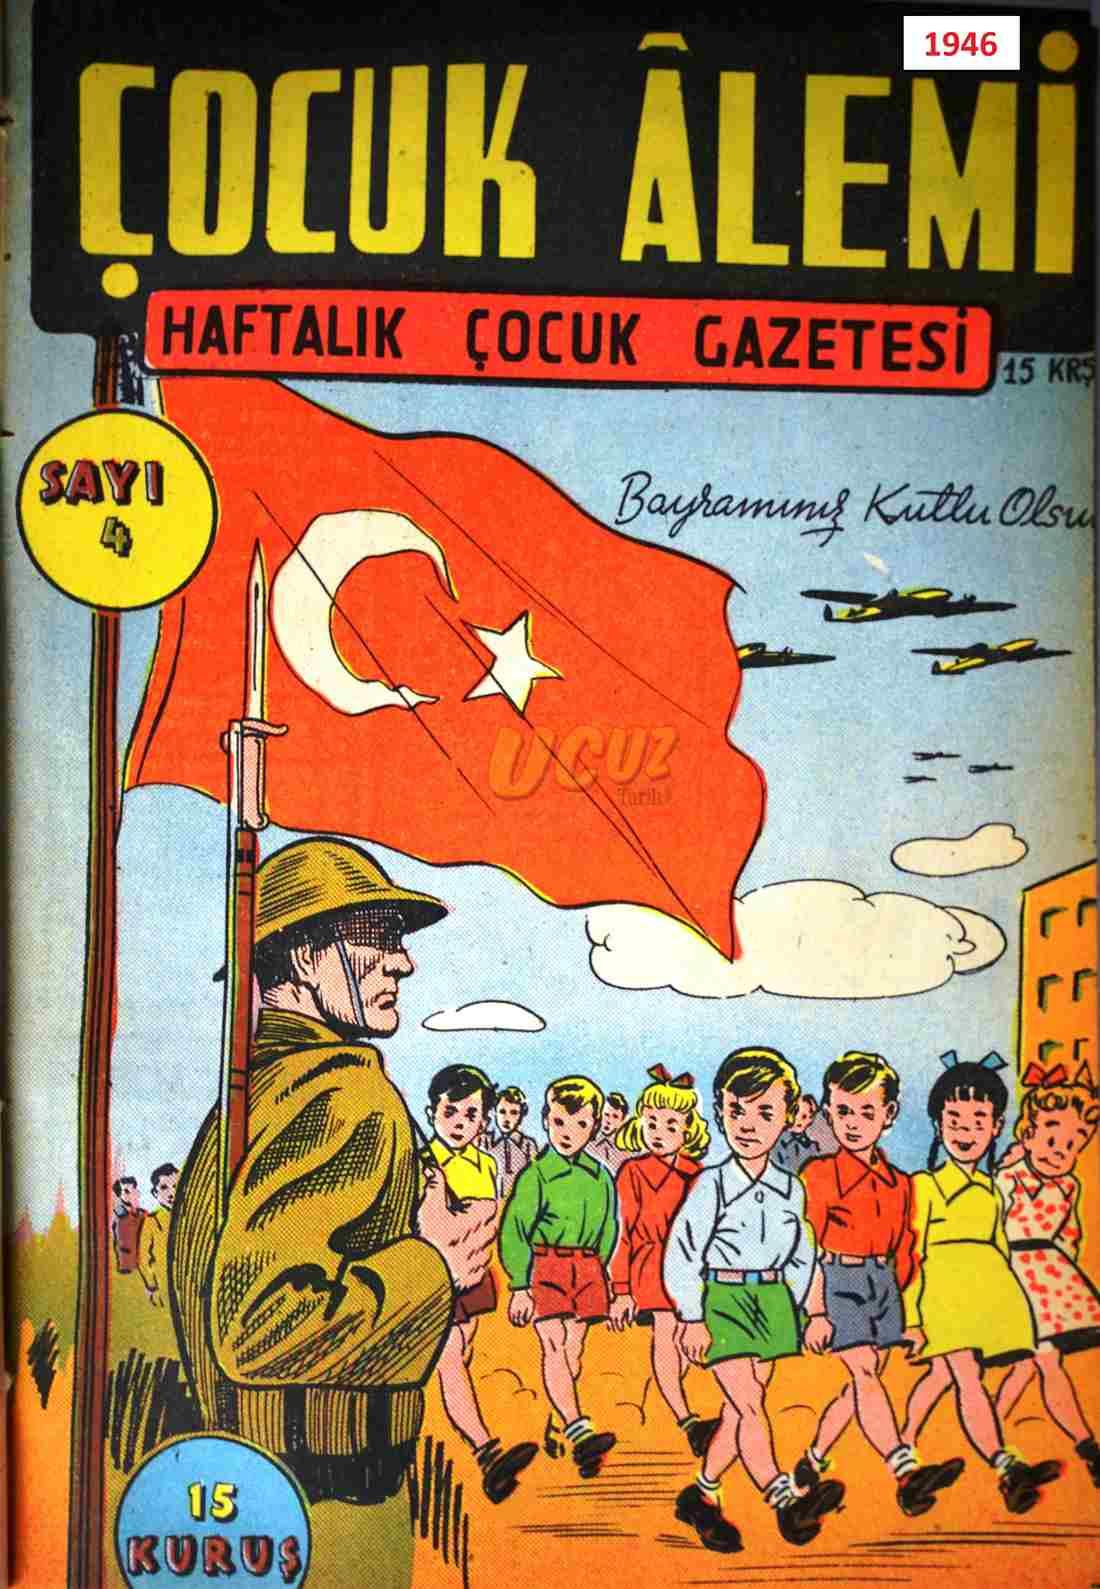 1949 çocuk alemi 1